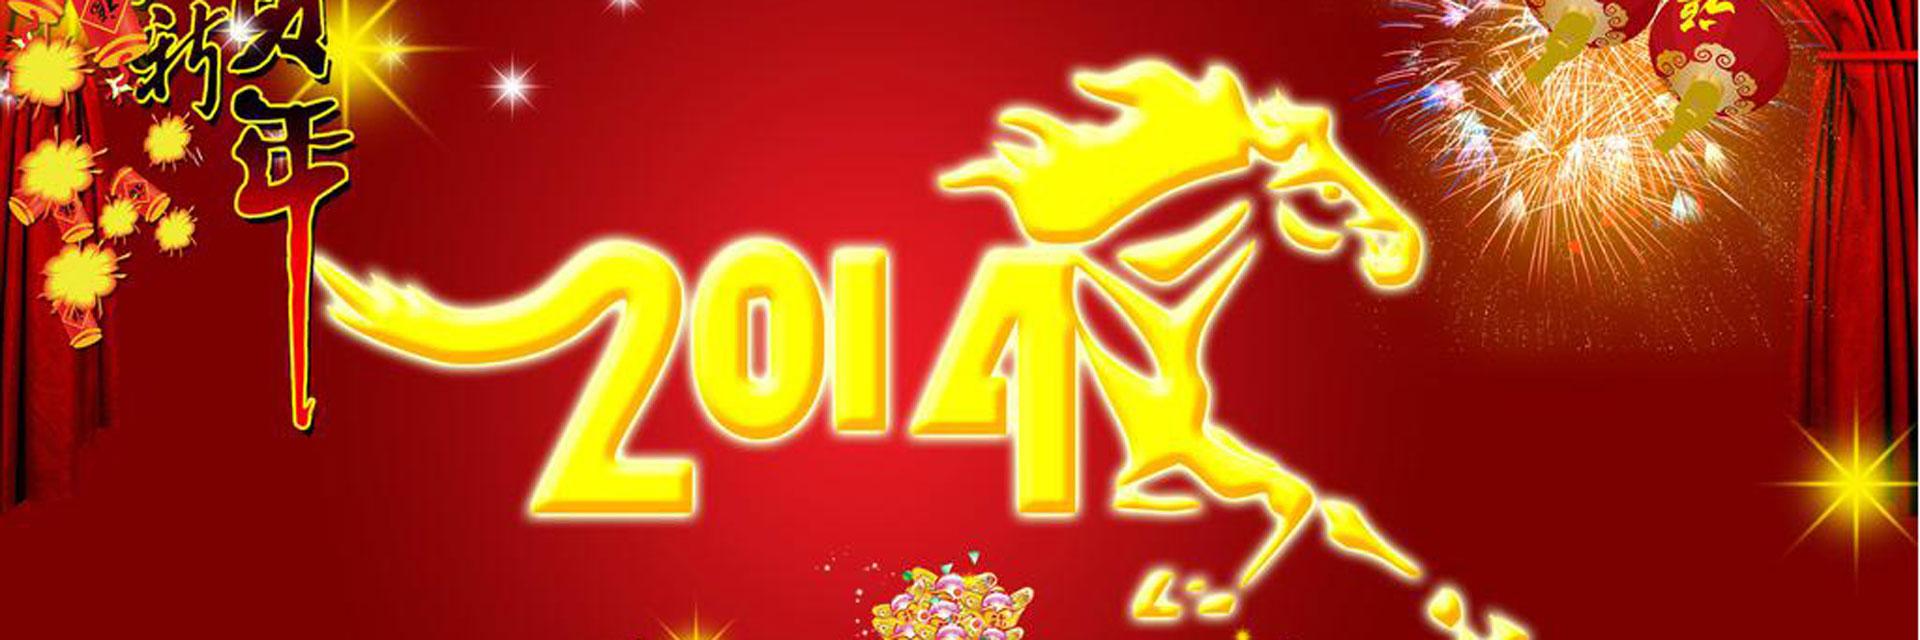 Offre spéciale ThéCâlin du nouvel an chinois 2014.